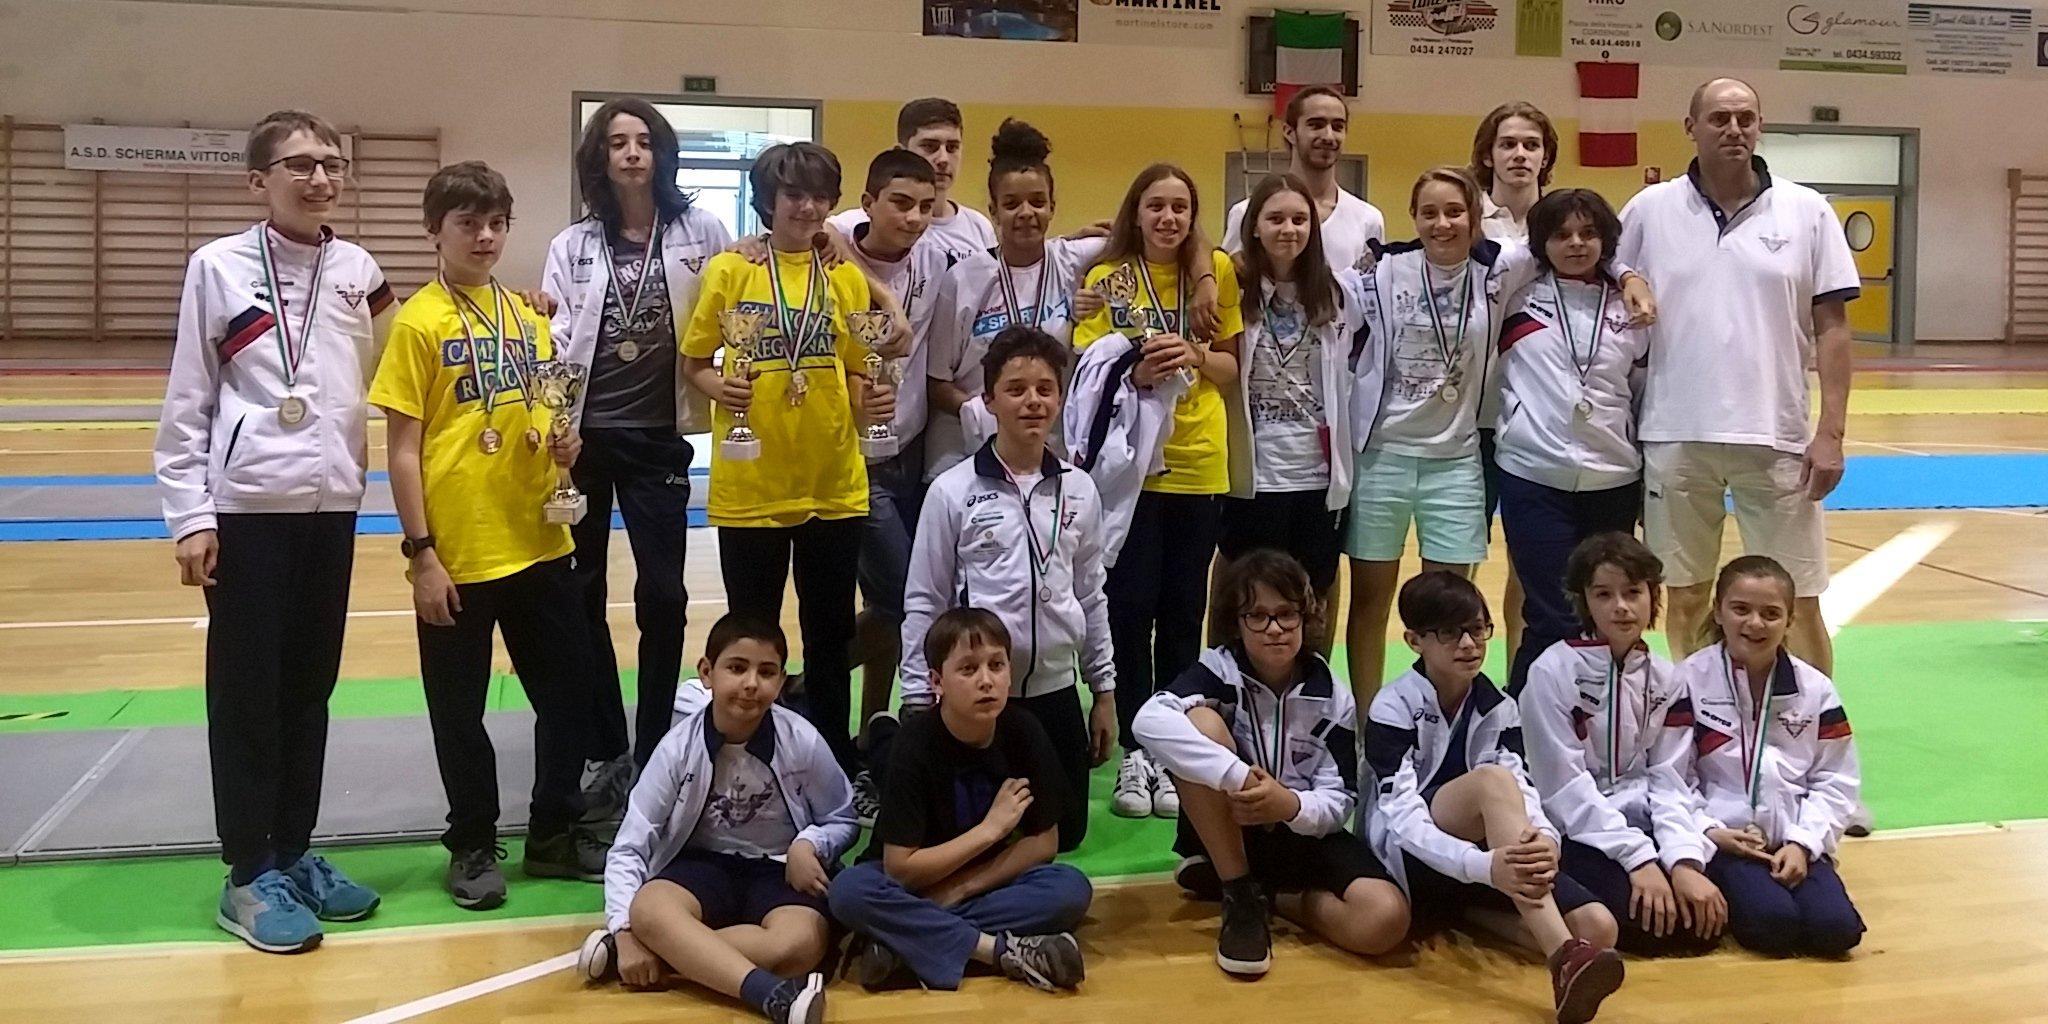 Campionato Regionale Scherma Pordenone